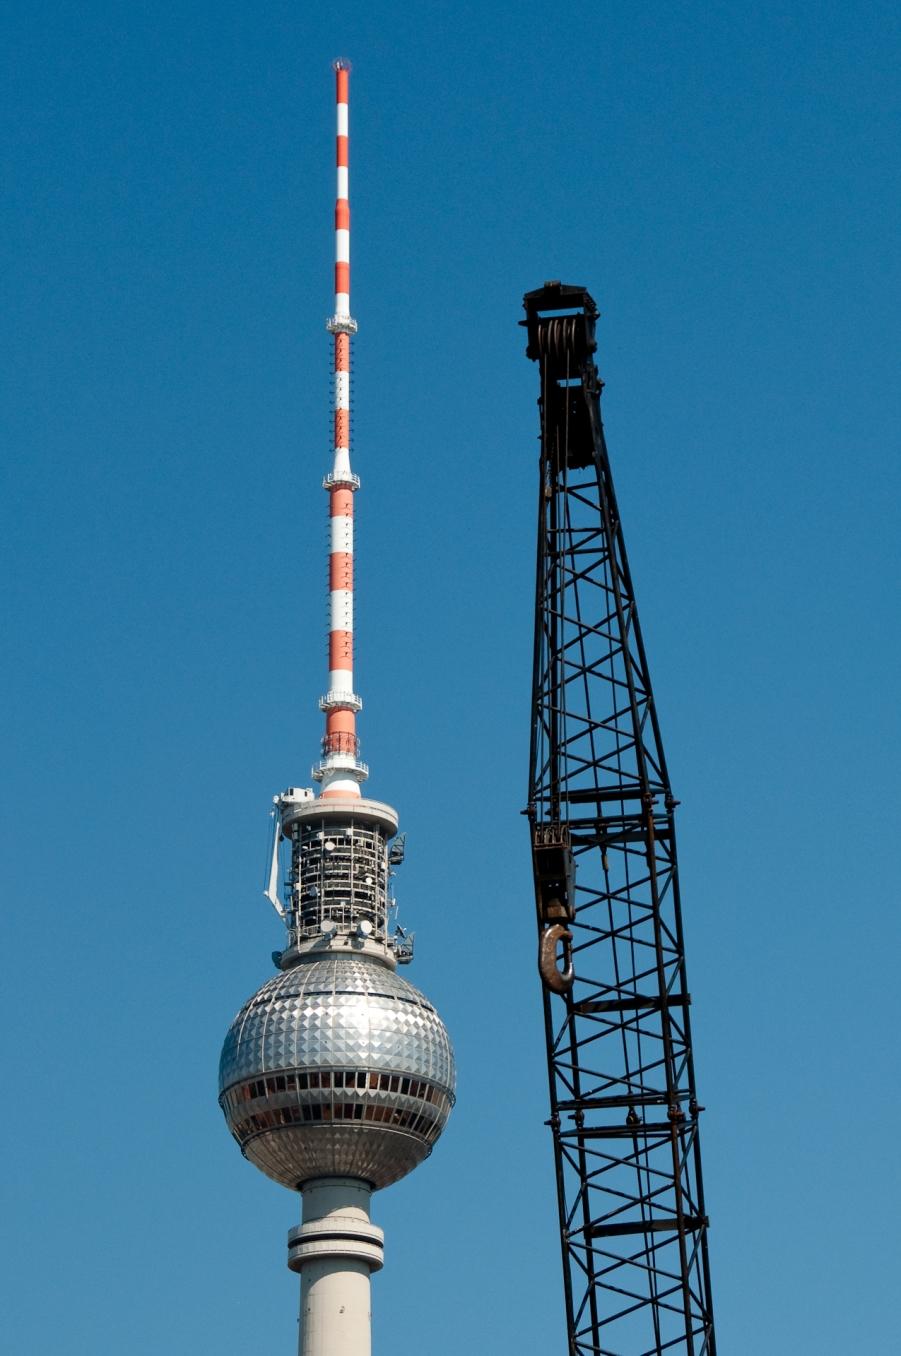 Fernsehturm & Fernsehkran